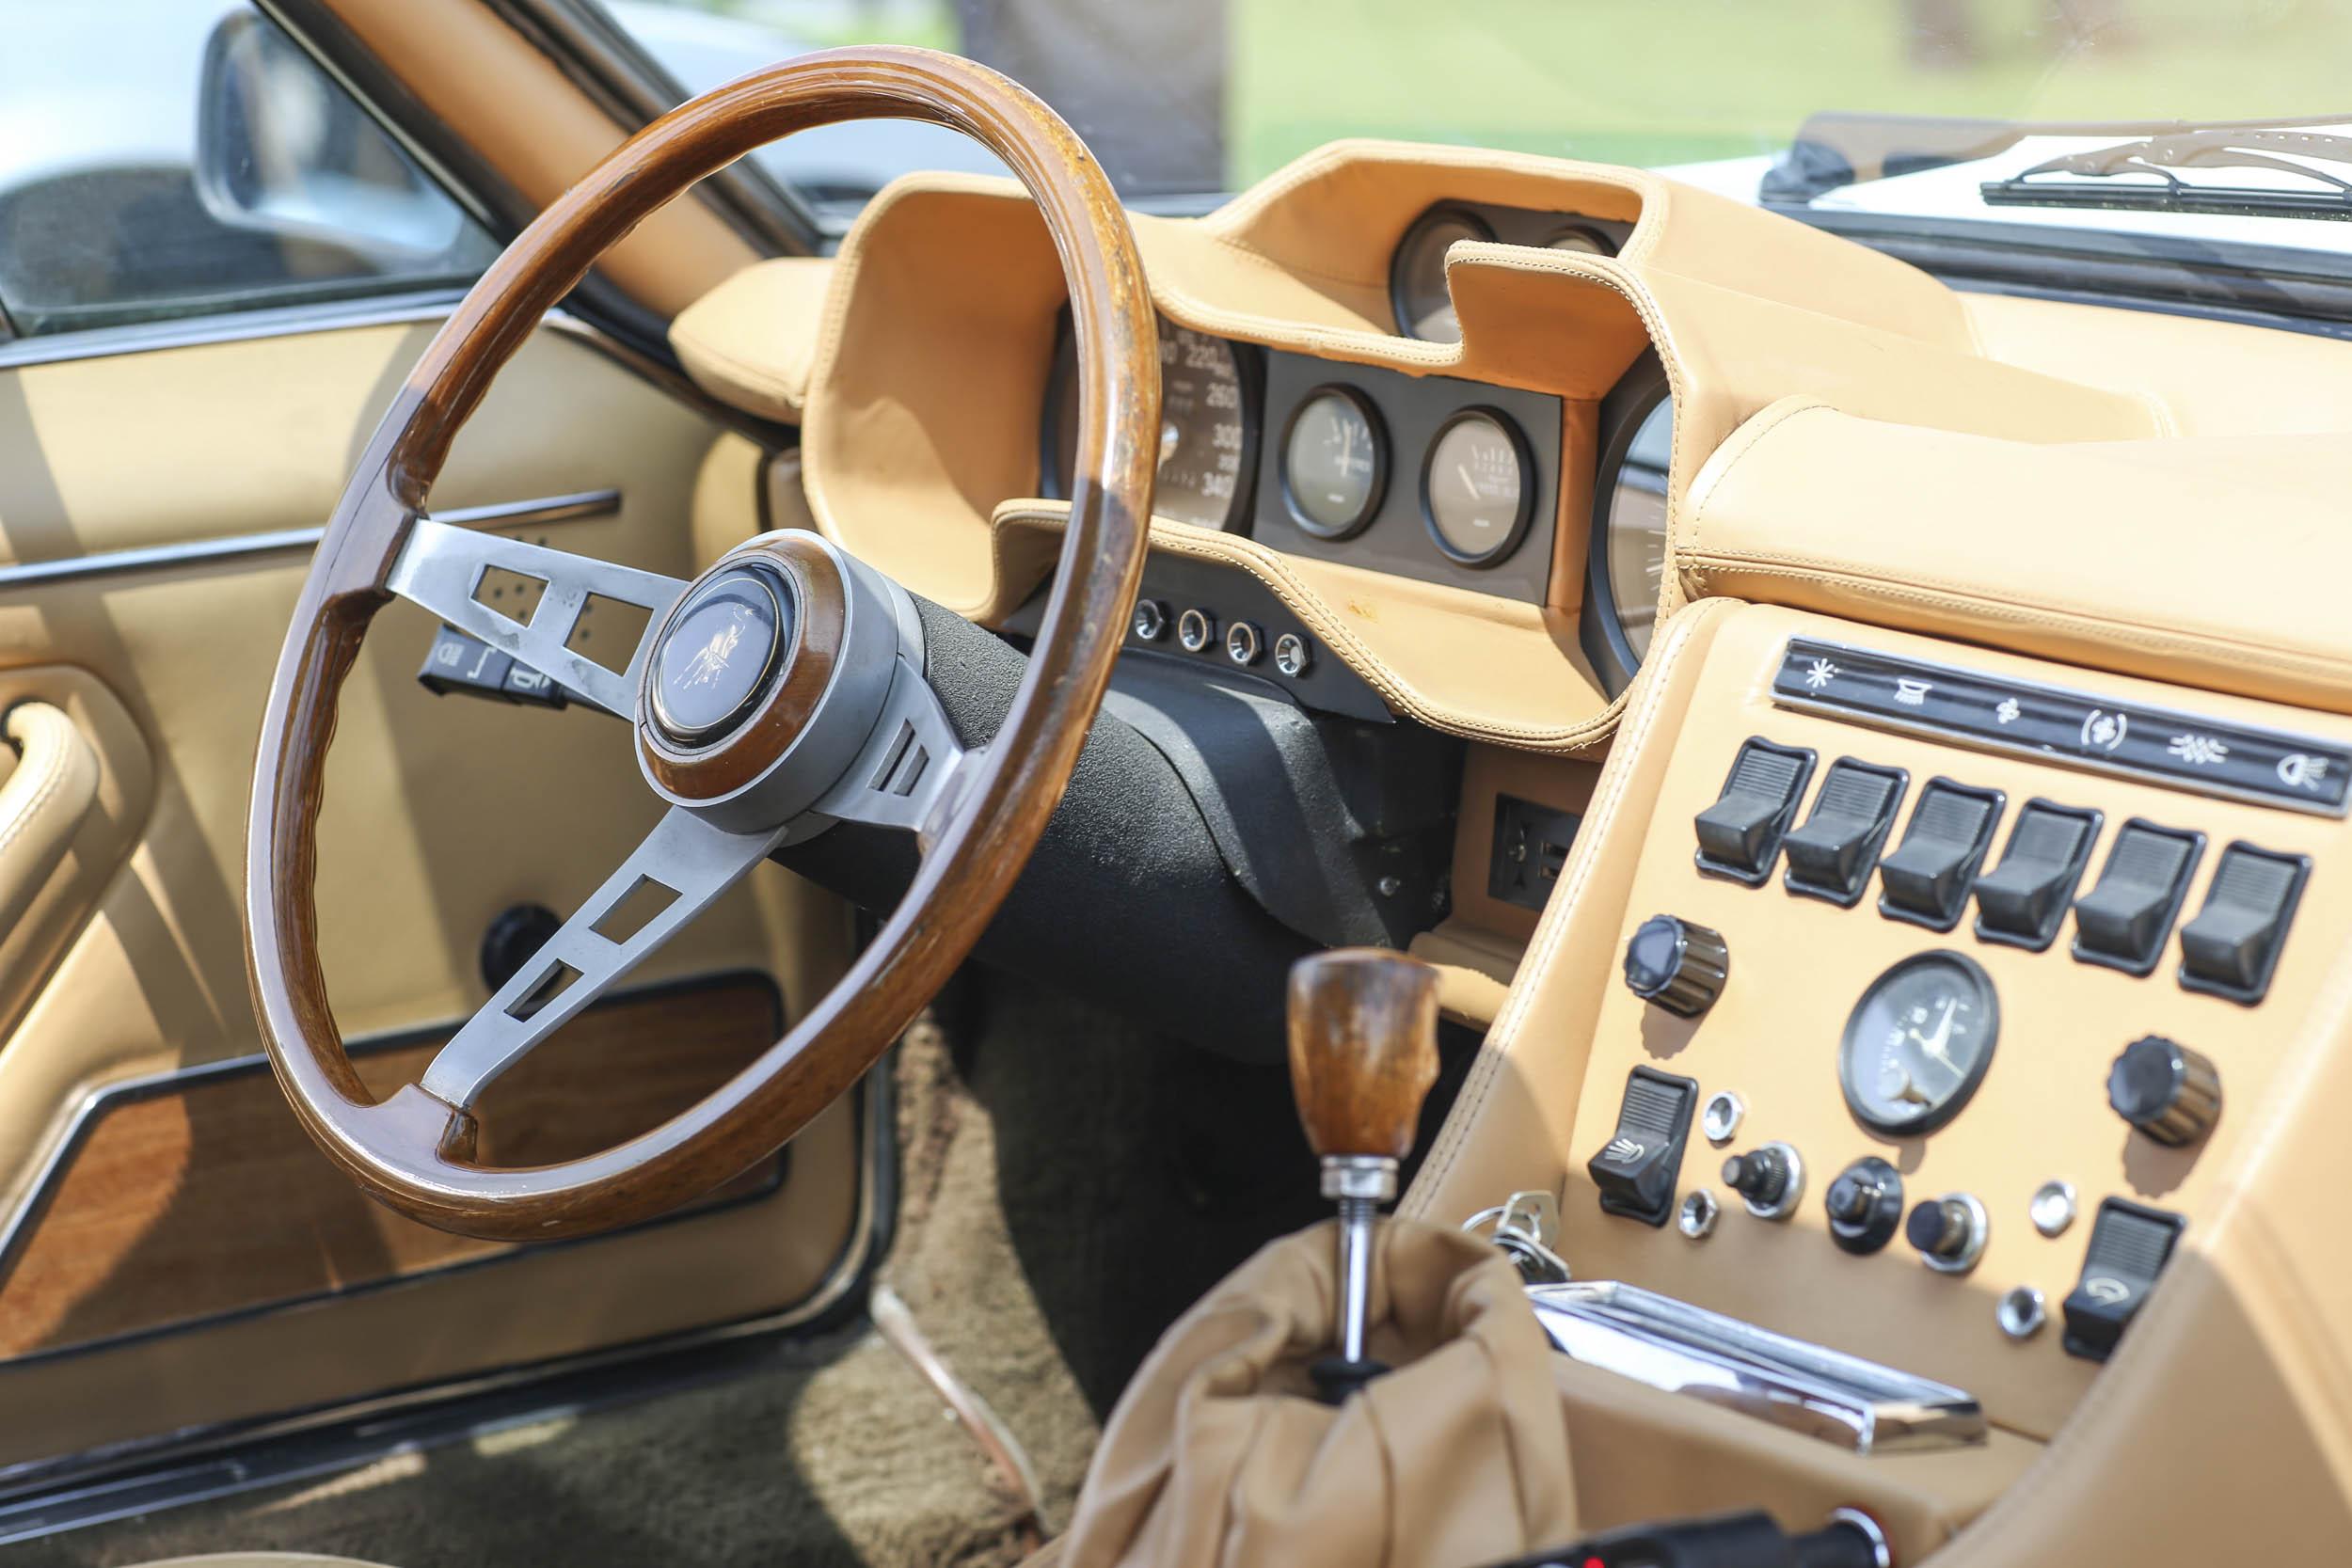 Lamborghini interior at the Quail